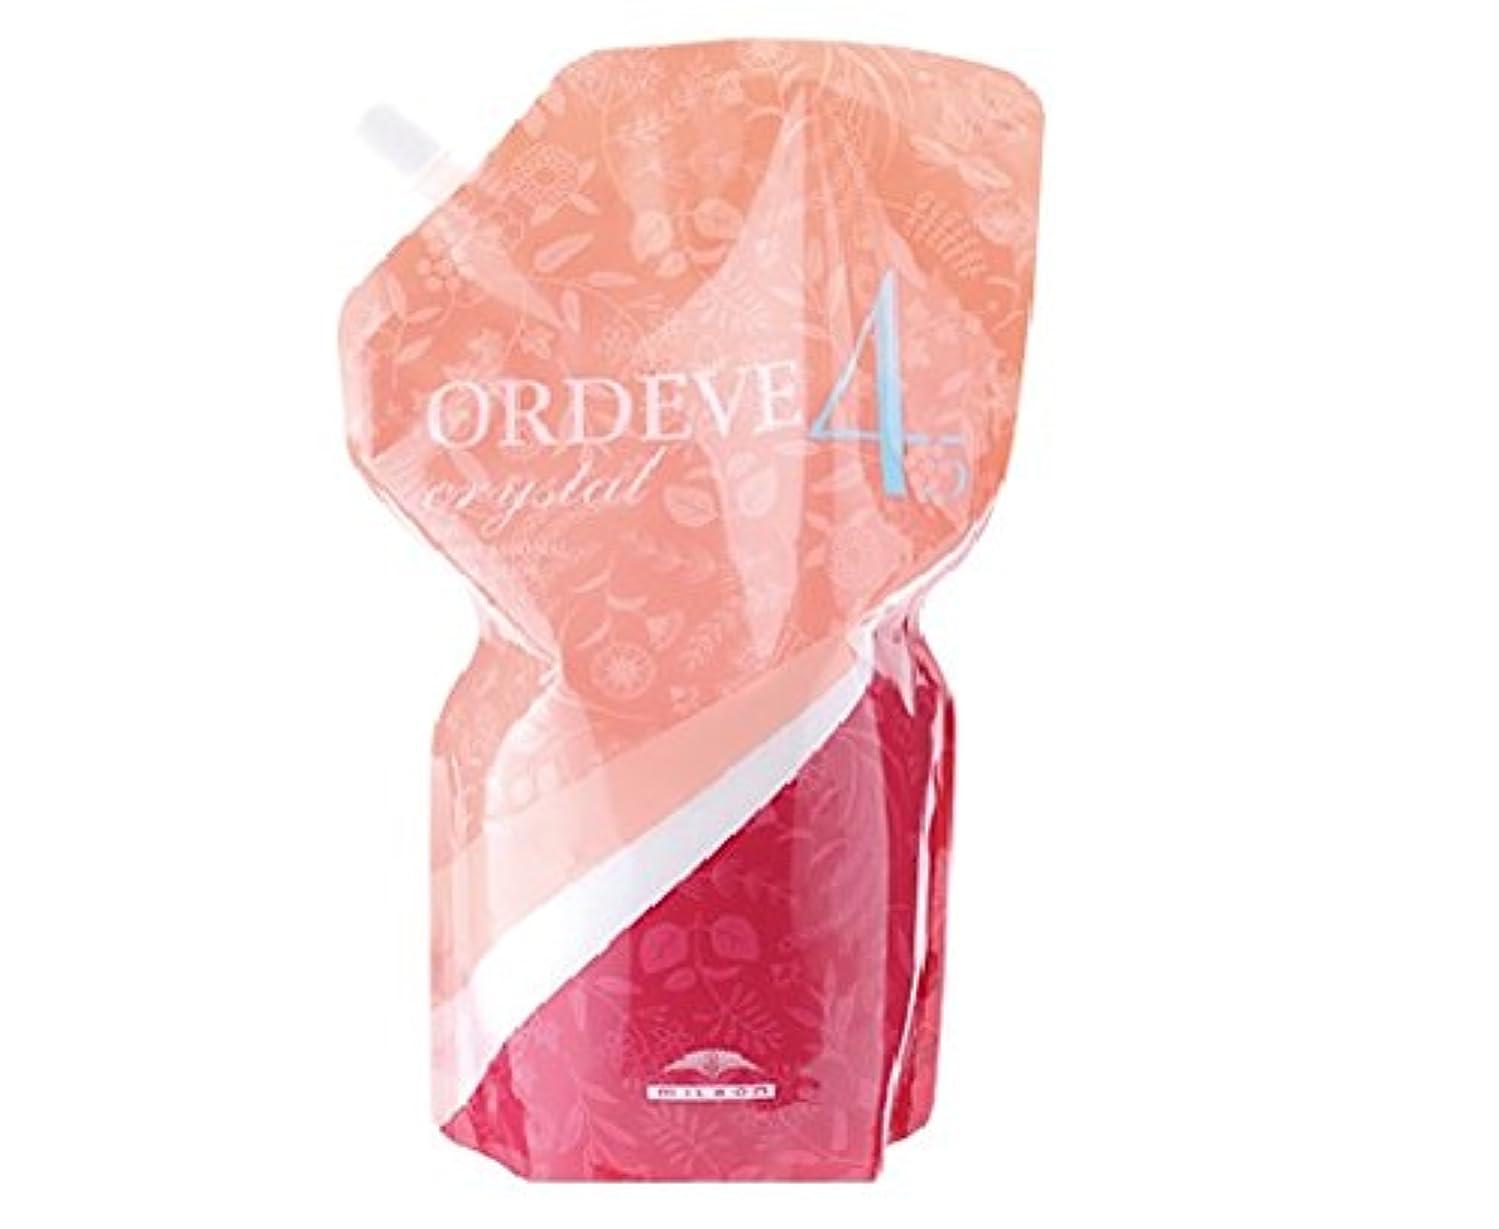 メドレー屋内スーツORDEVE crystal(オルディーブ クリスタル) 第2剤 OX(オキシダン) 4.5% 1000ml